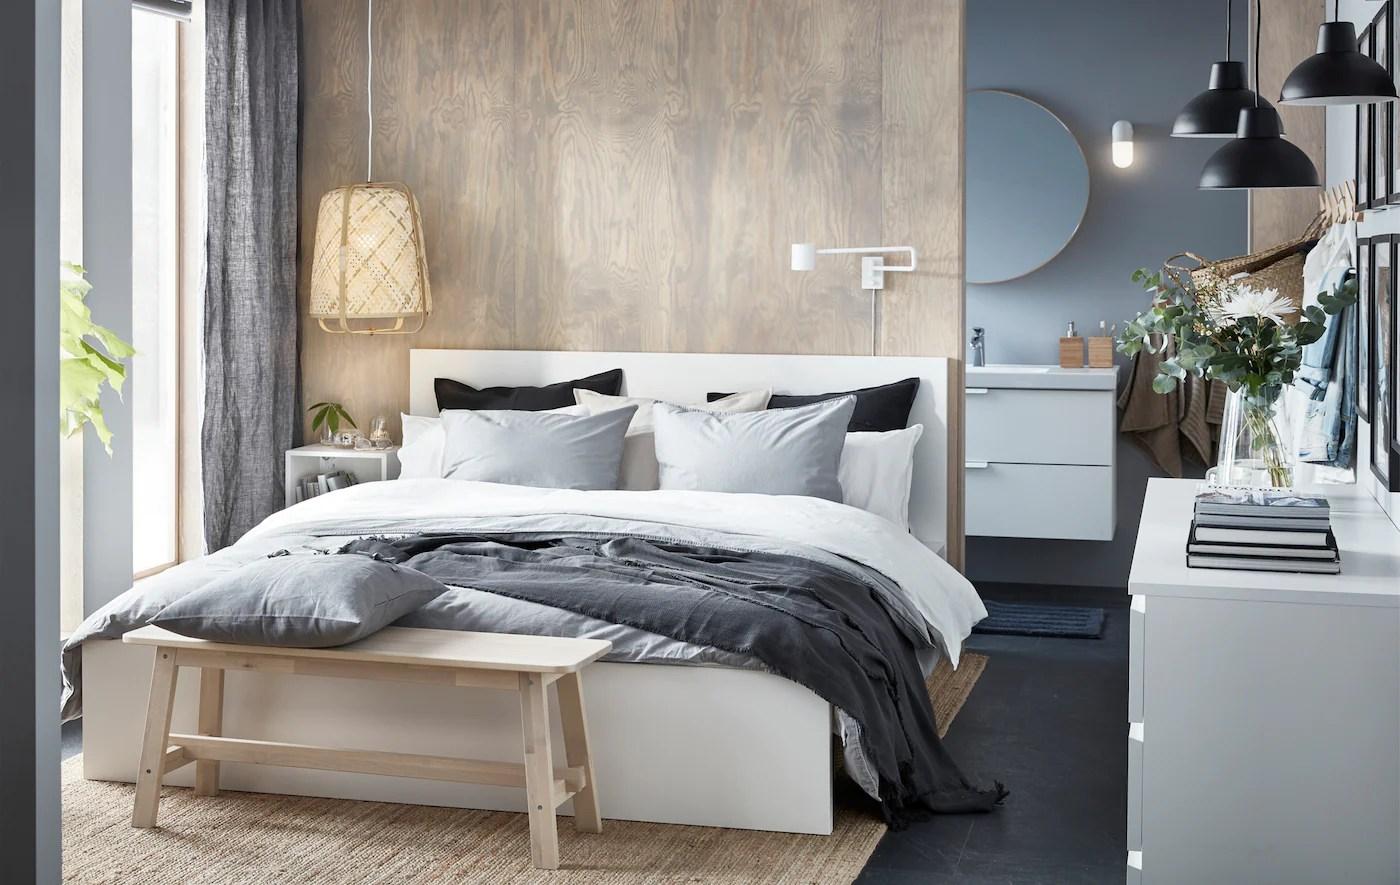 Elegante Minimalismo In Una Piccola Camera Da Letto Ikea